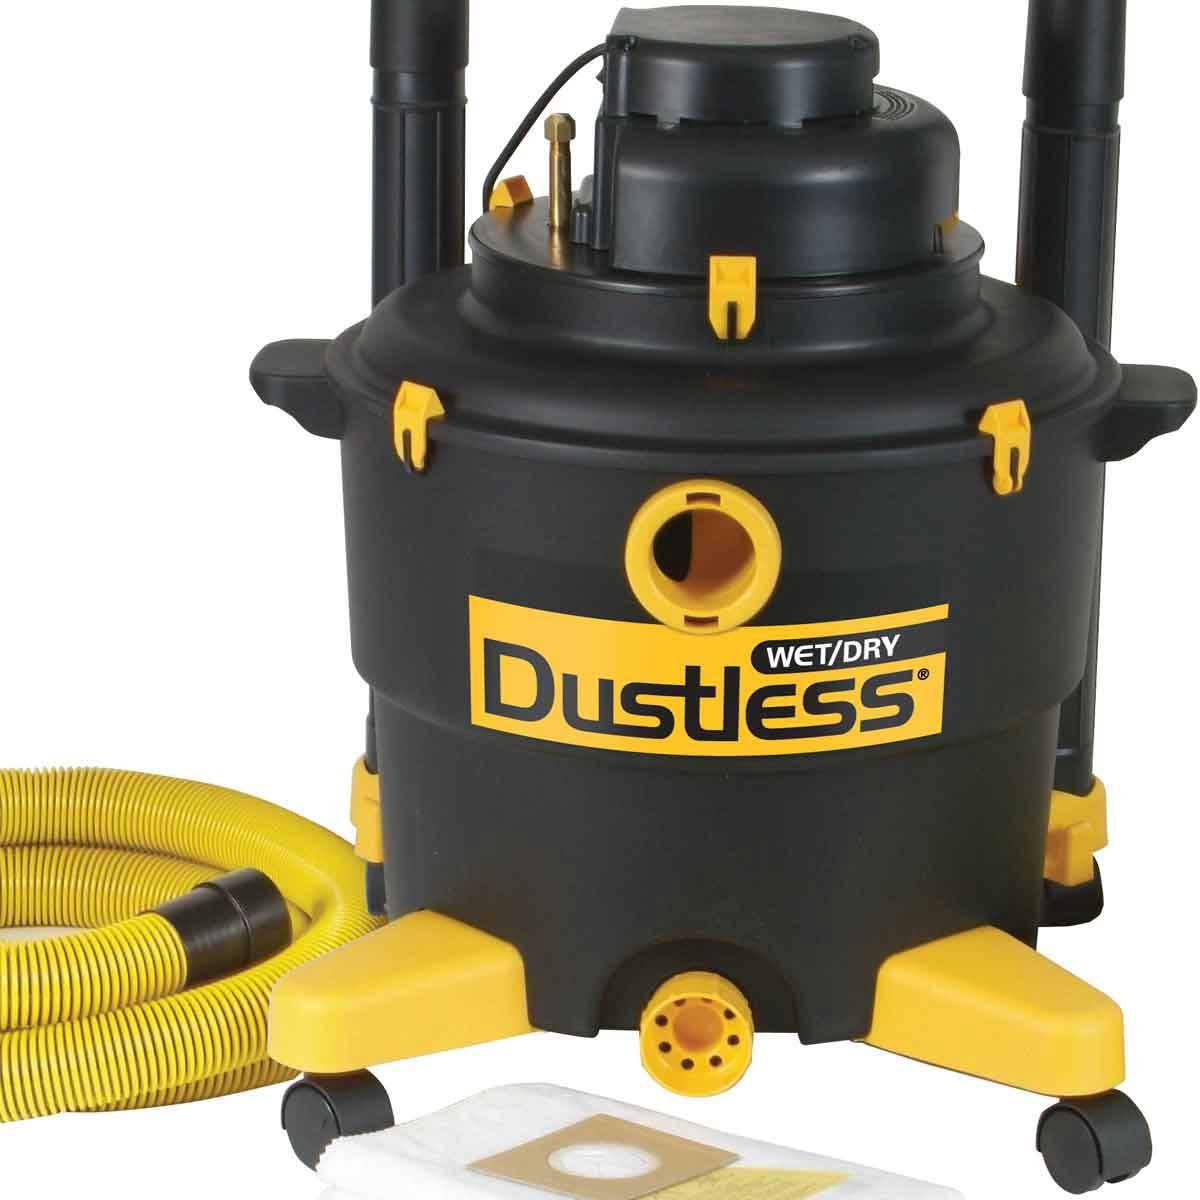 Diteq Dustless Wet Dry Vacuum